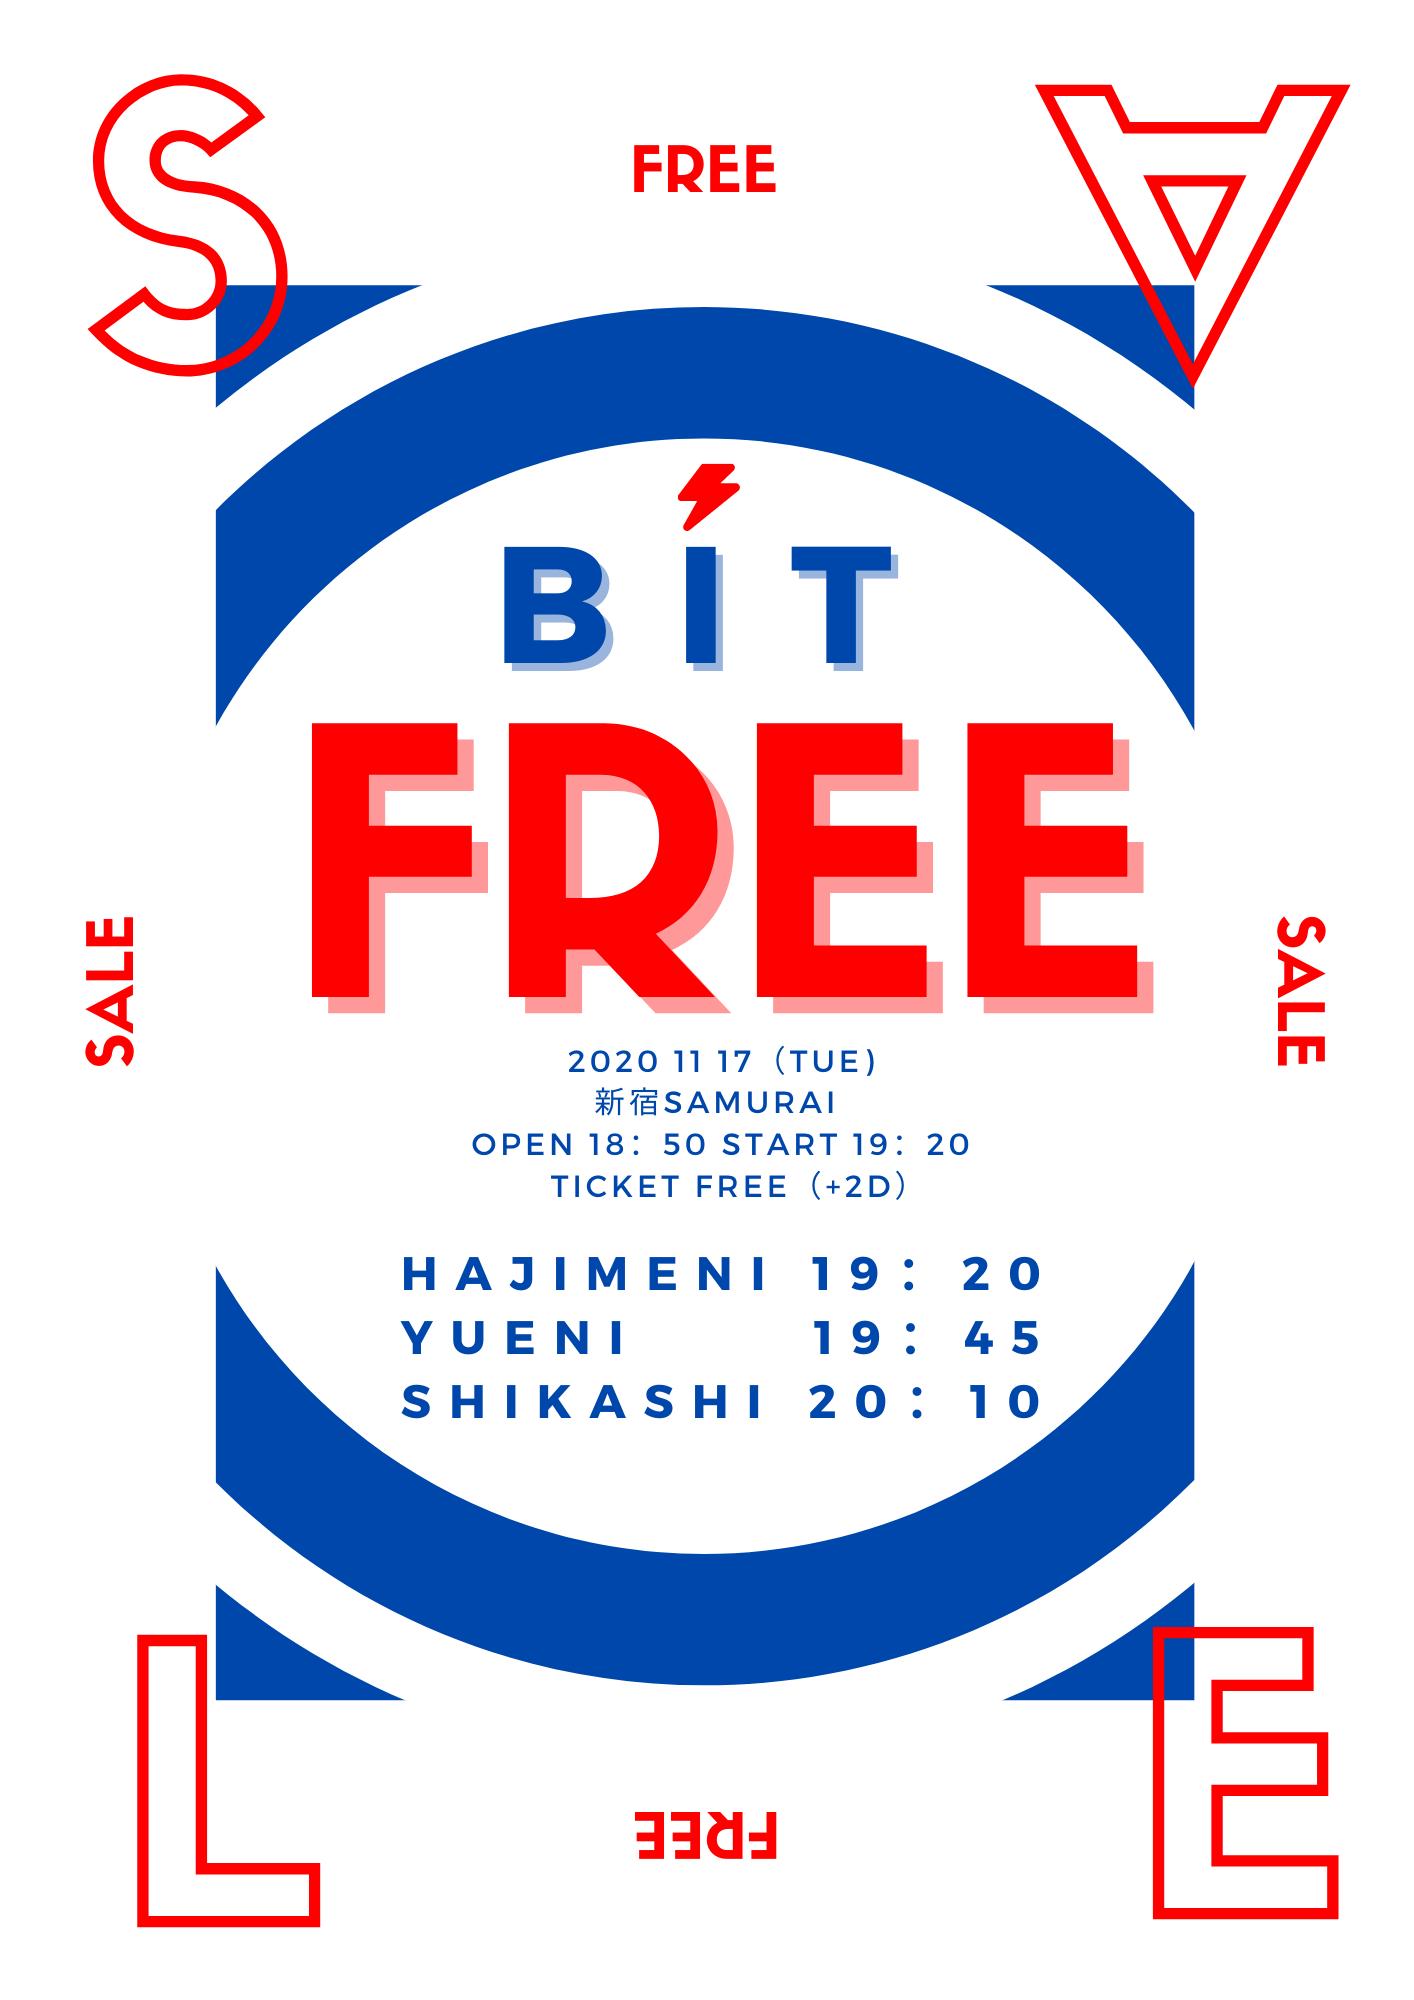 BIT FREE FREE FREE